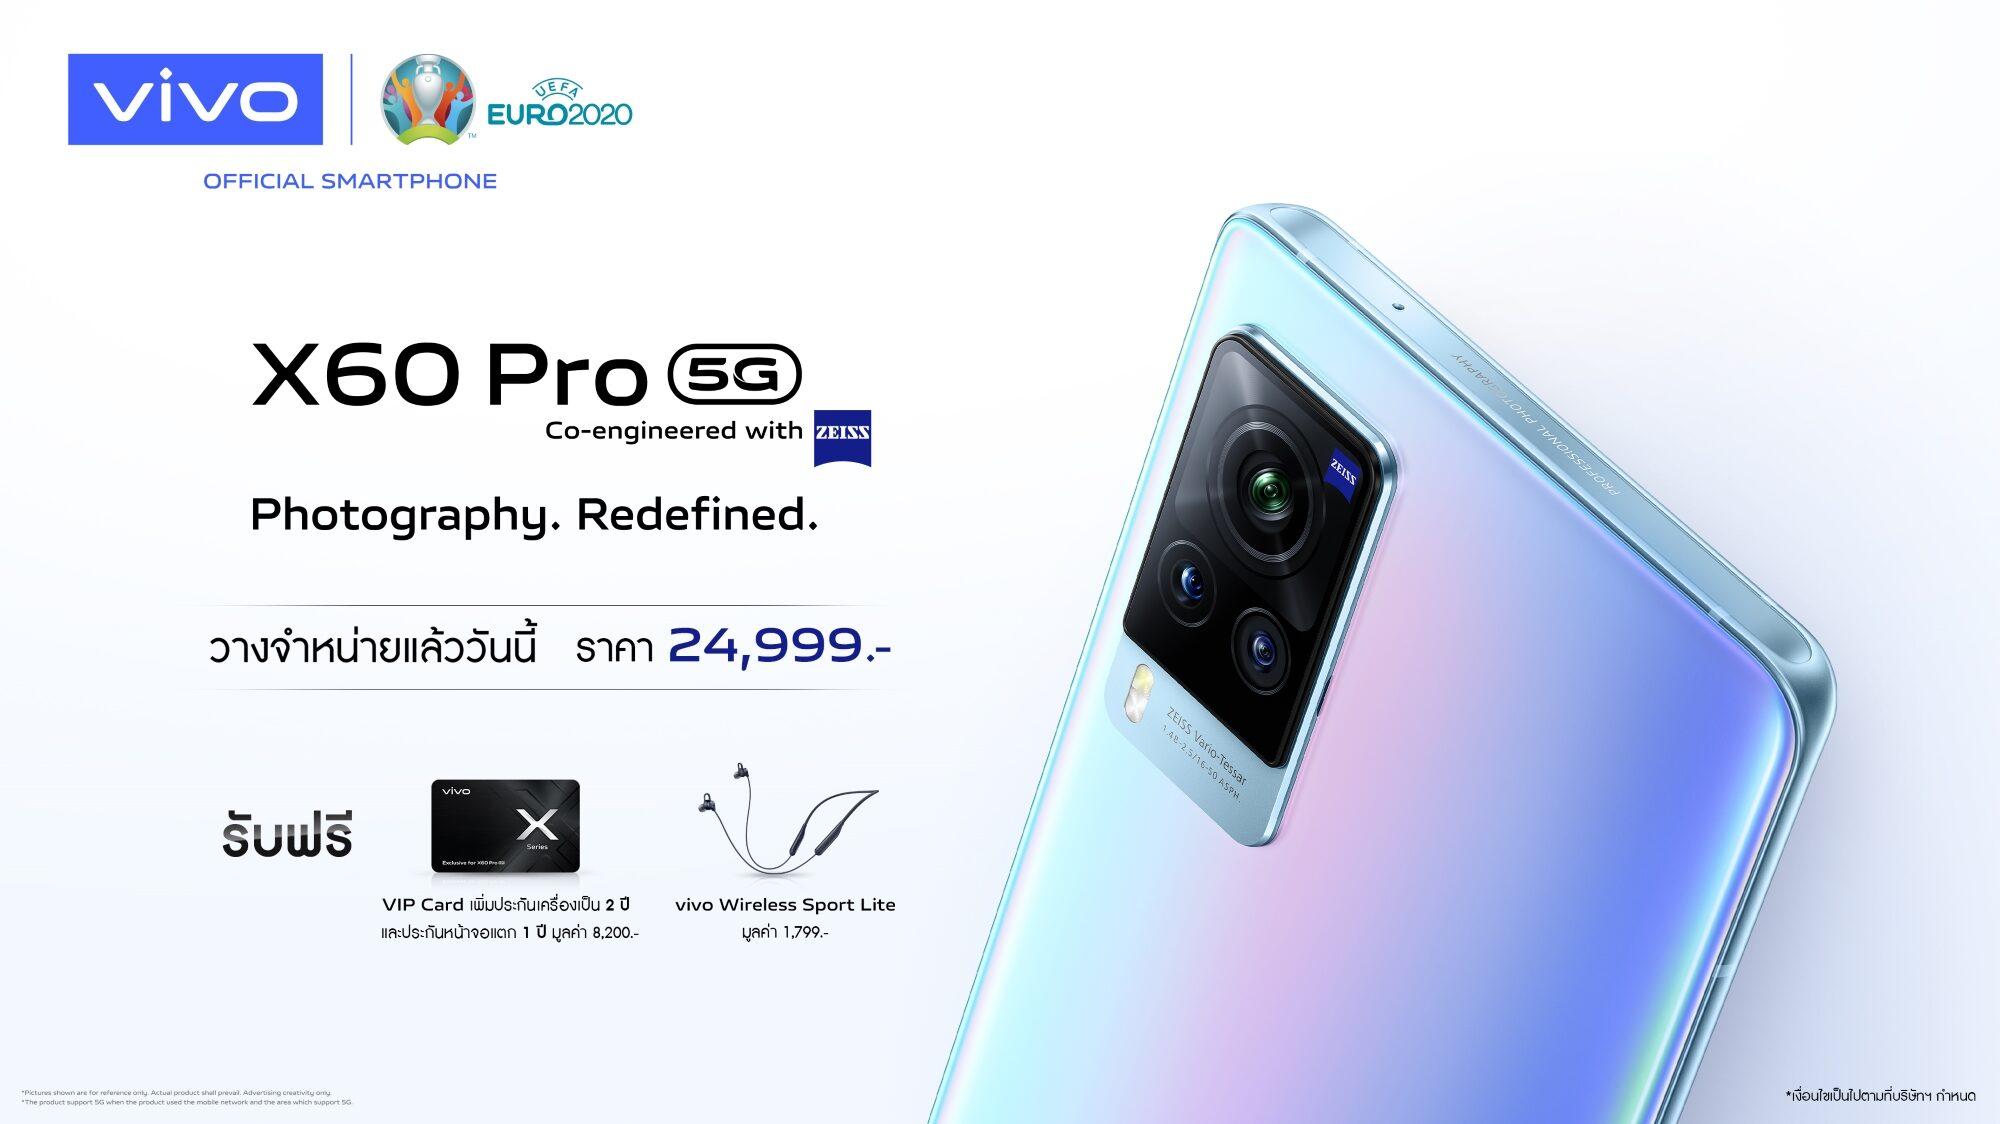 vivo X60 Pro 5G พร้อมกล้องที่พัฒนาร่วมกับ ZEISS วางจำหน่ายในไทยแล้ว